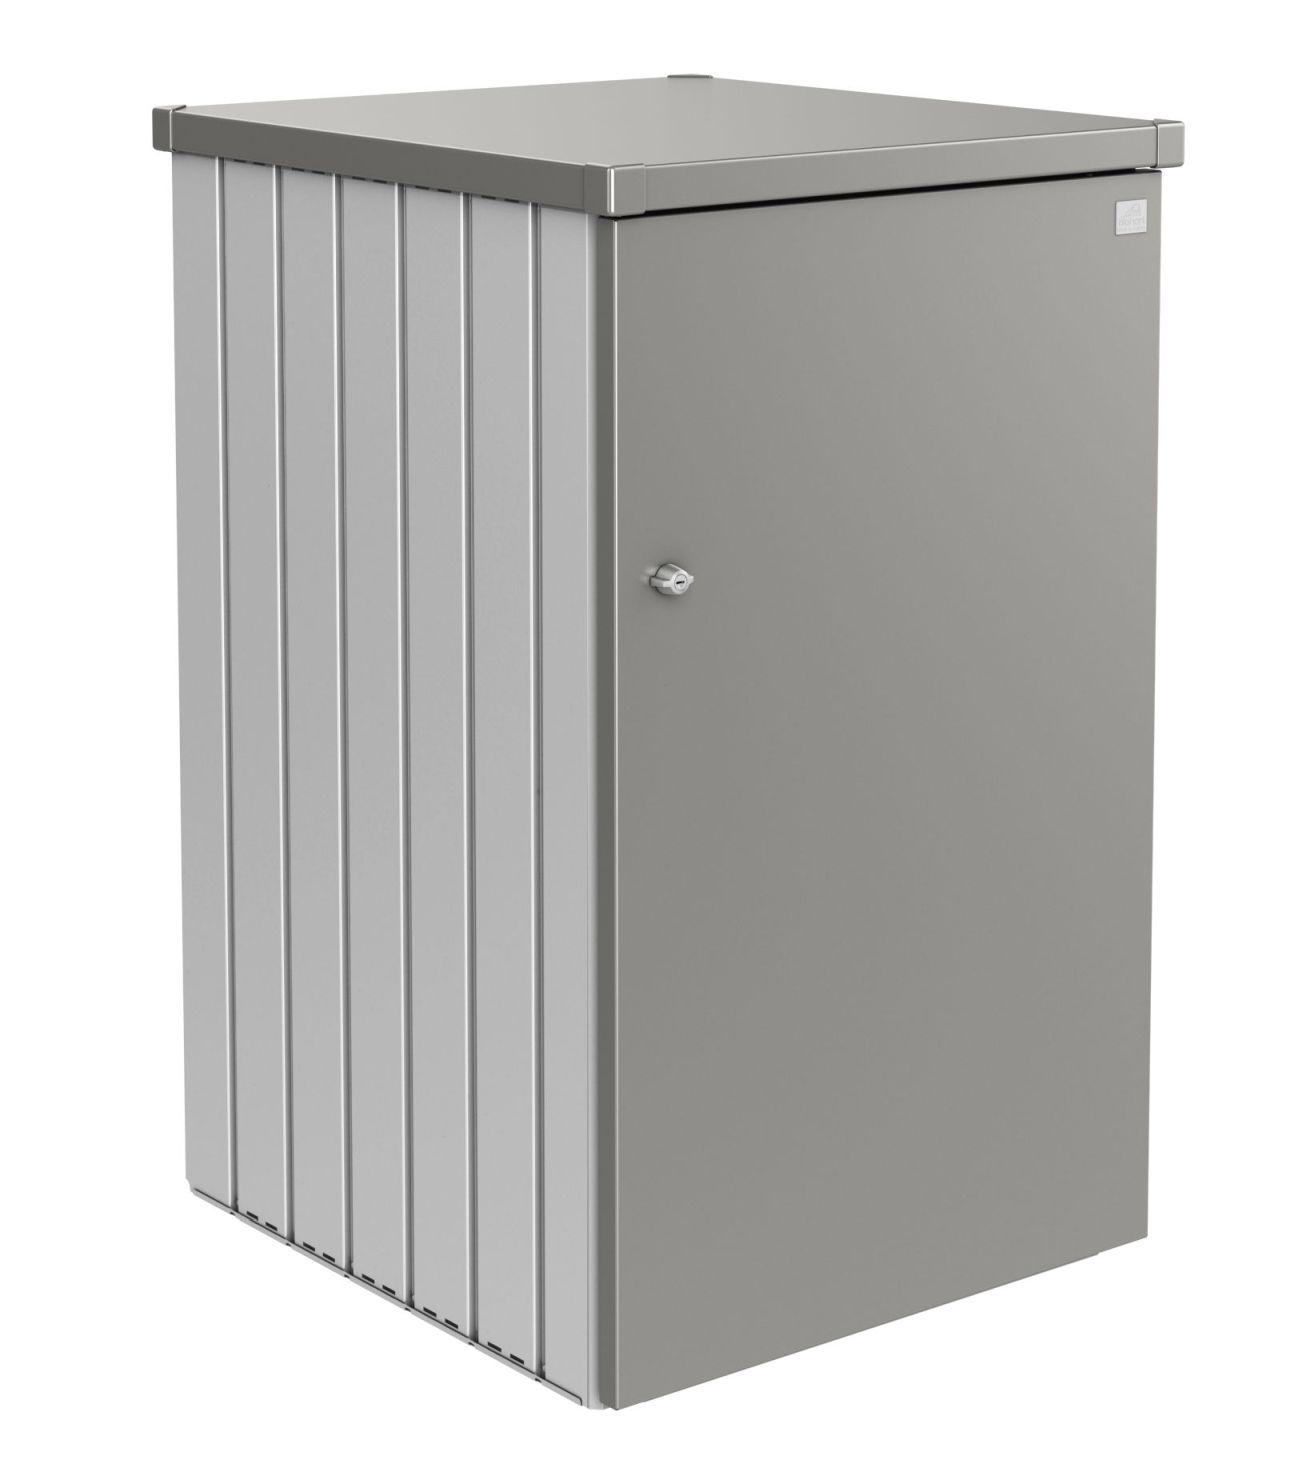 Biohort Box na popelnici Alex 1.2, stříbrná metalíza/šedý křemen metalíza